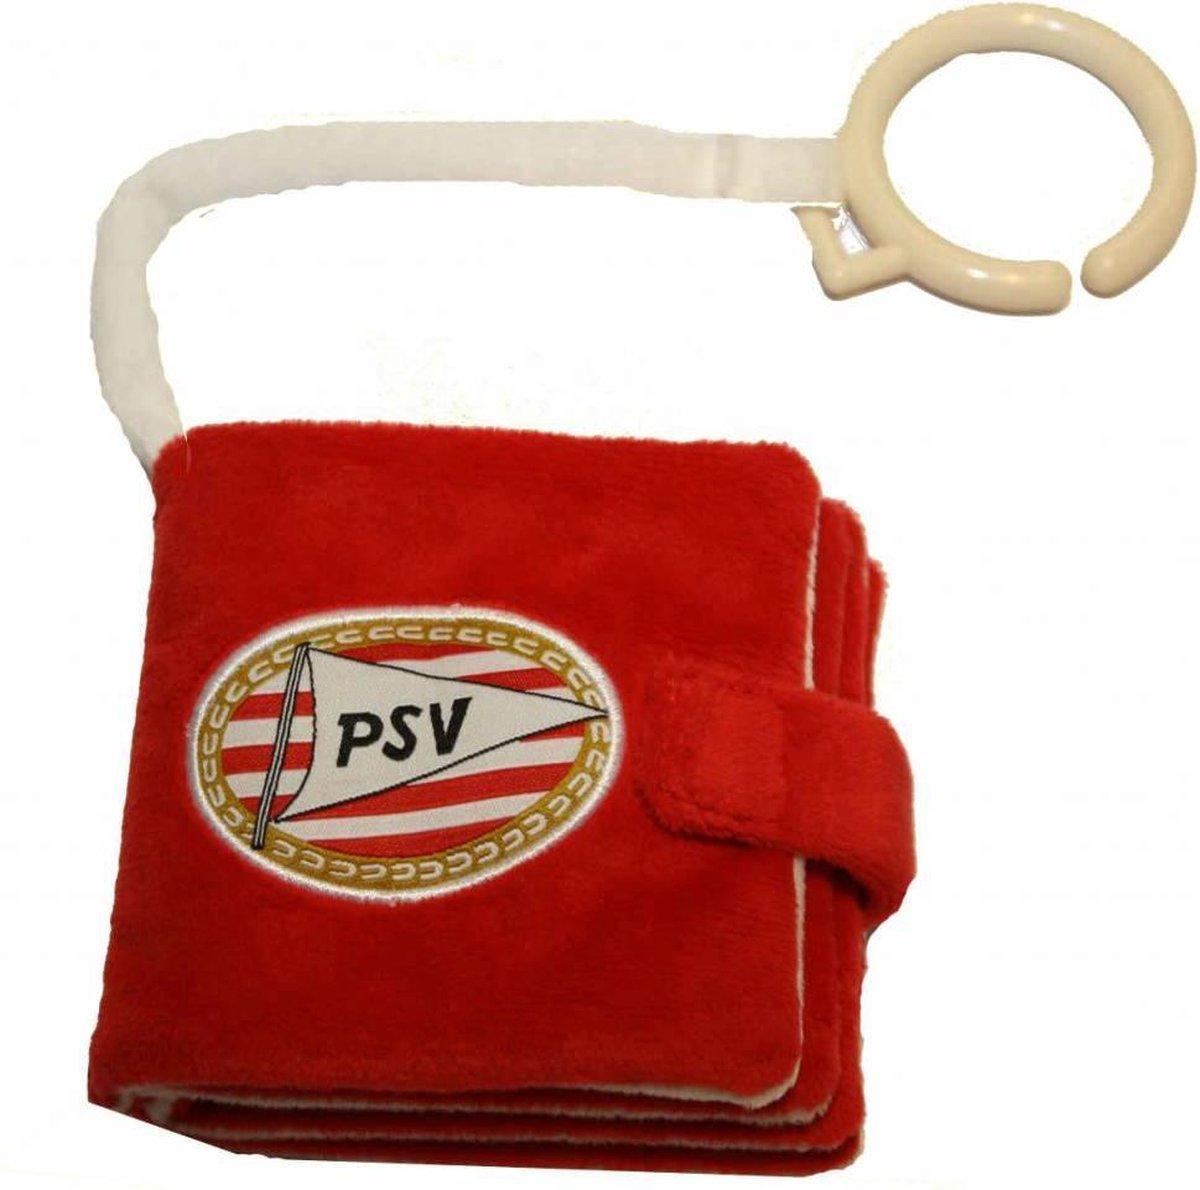 PSV Buggy Boekje - Rood - PSV